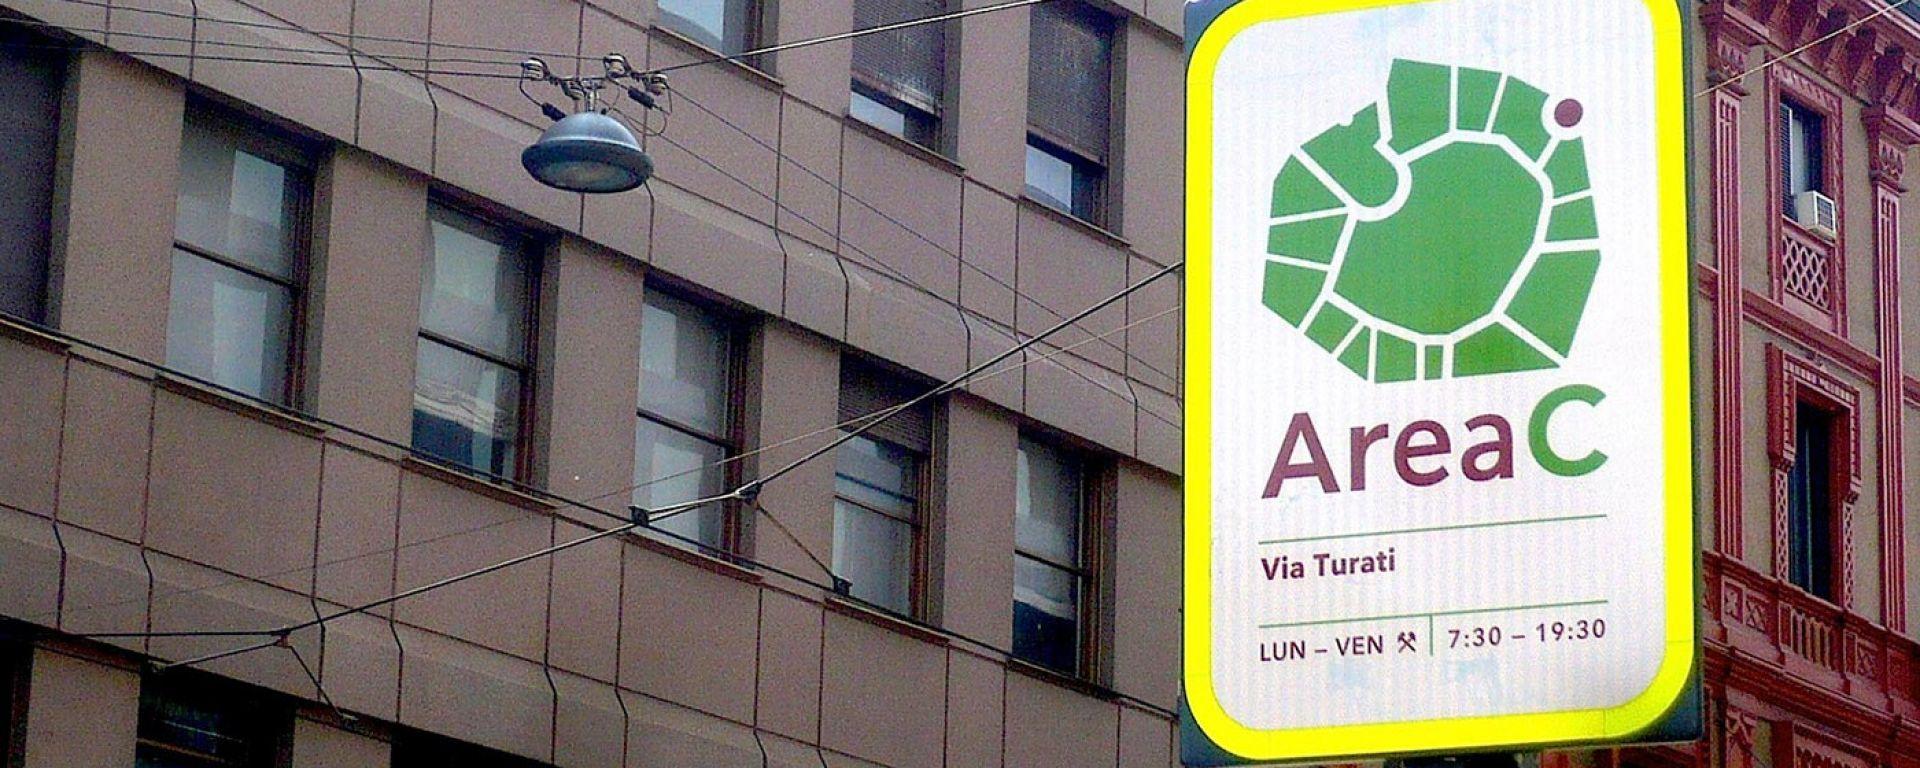 Milano, novembre 2020: l'Area C viene sospesa, accesso libero alle auto